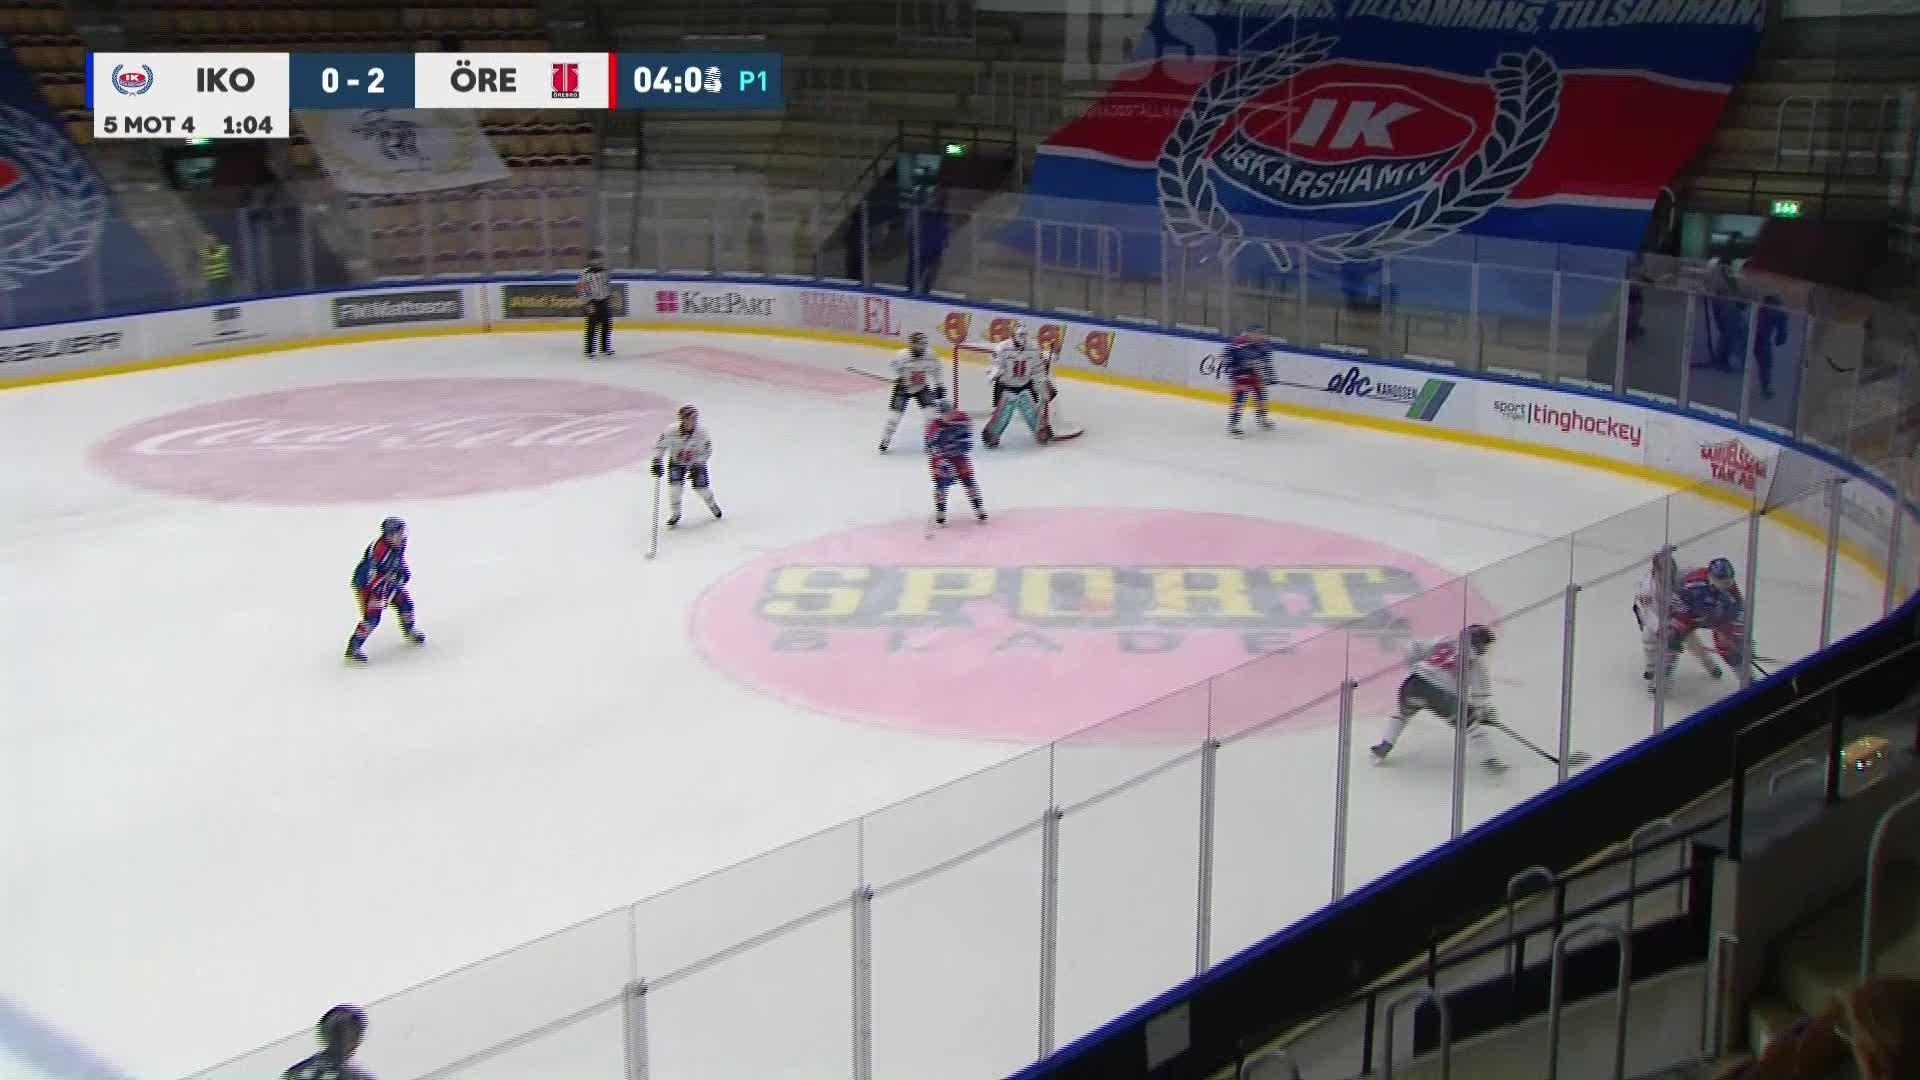 IK Oskarshamn - Örebro Hockey 1-2